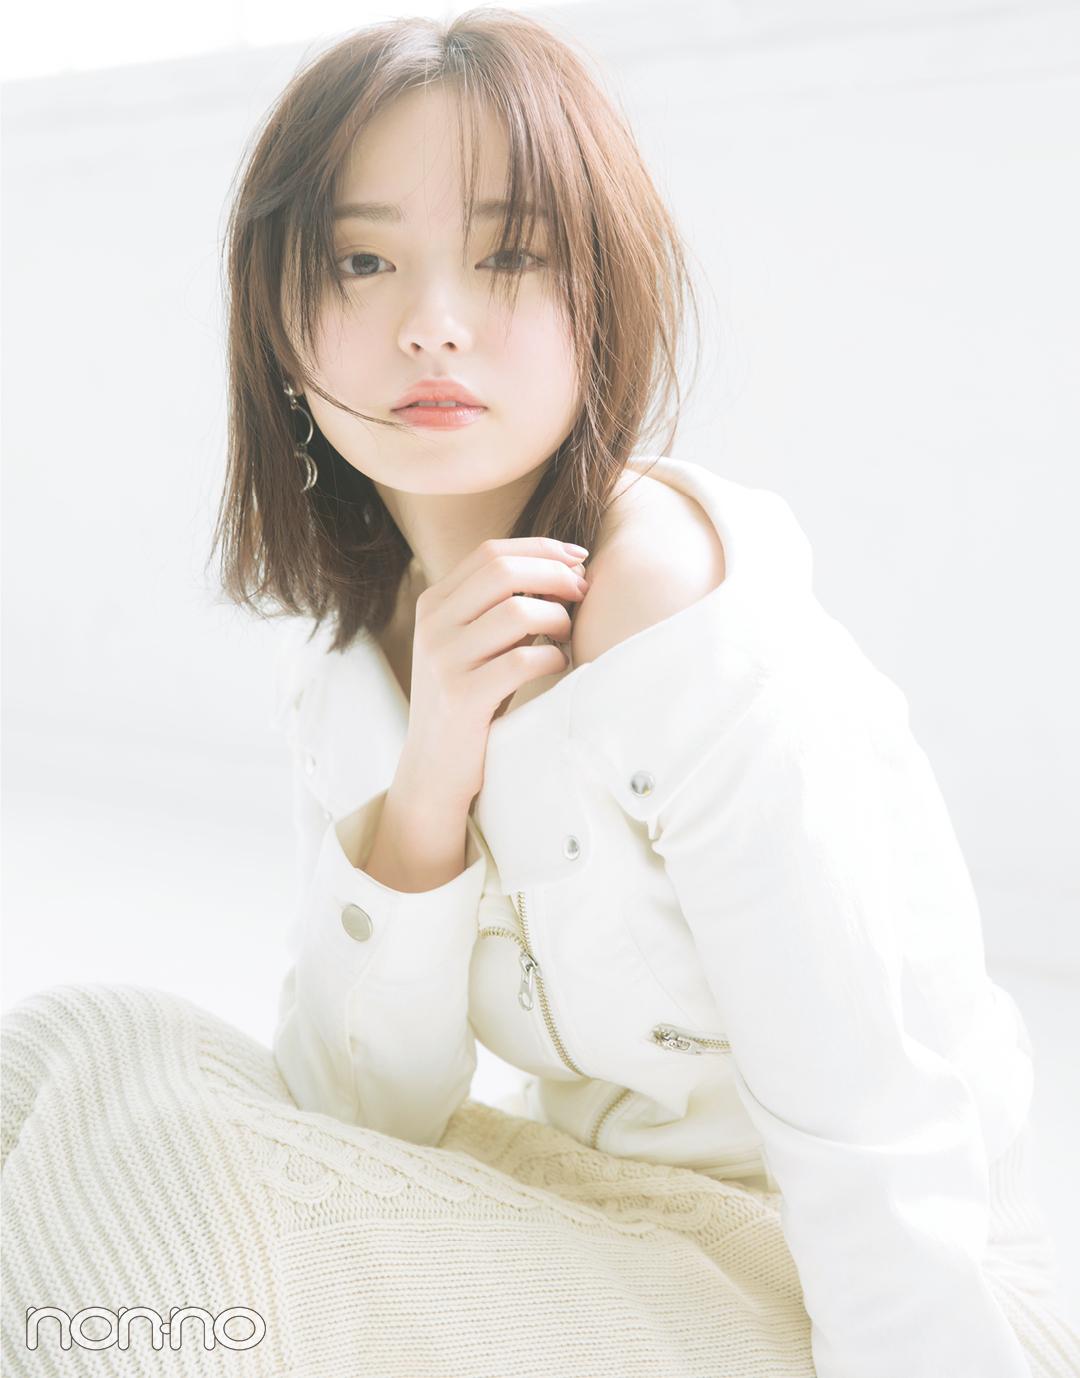 今泉佑唯さんの「のばしかけ前髪」アレンジ♡ スタイリングだけで大人っぽく! _1_2